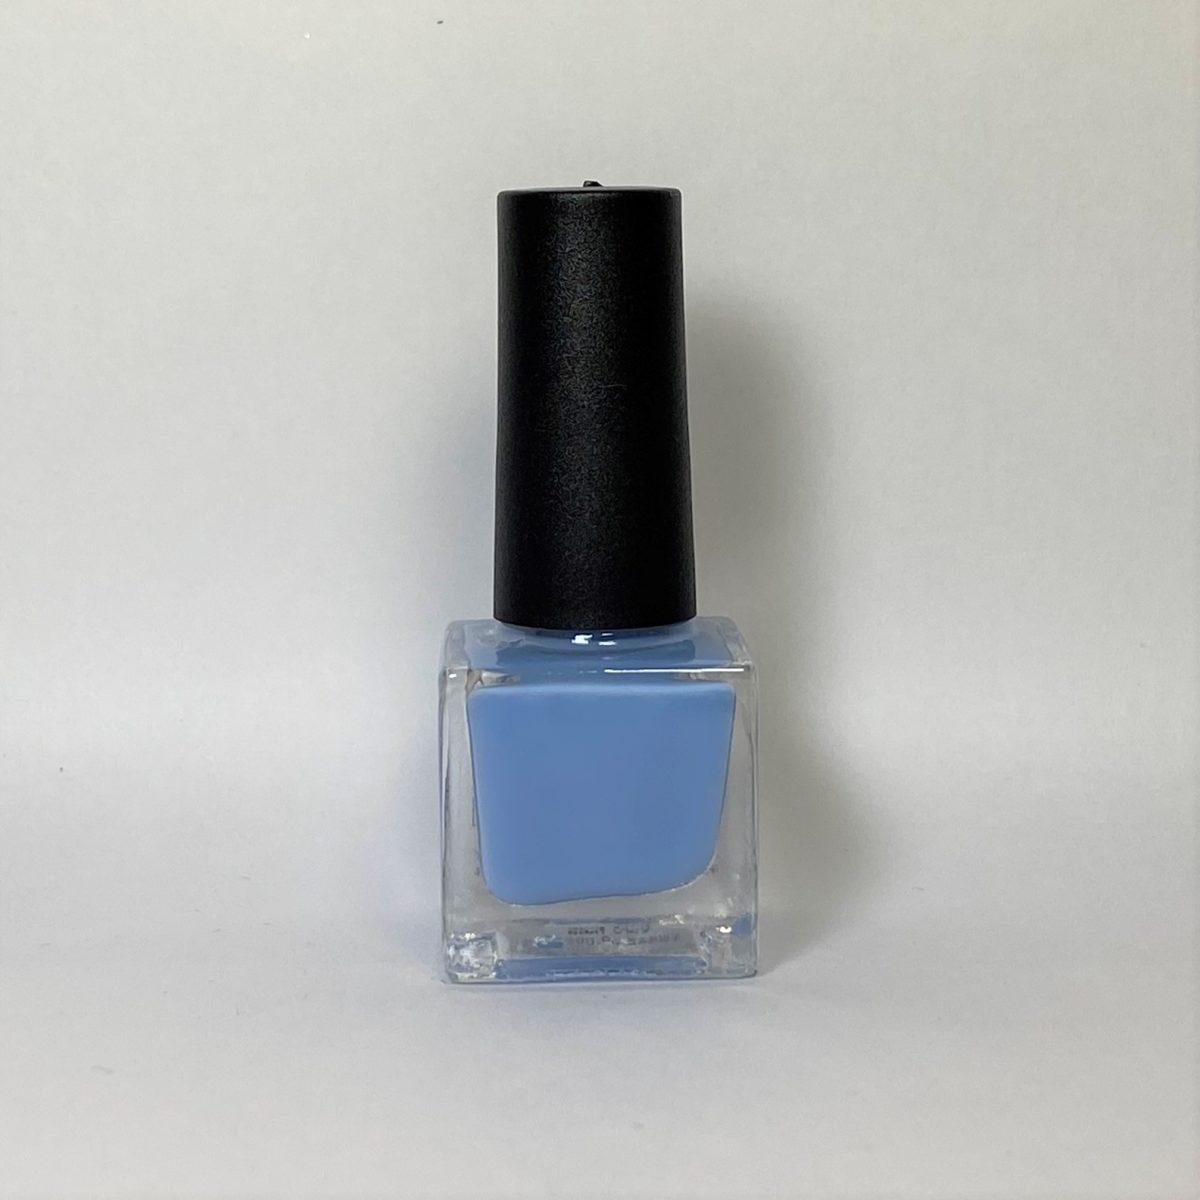 ネイルポリッシュ C18 Light Blue